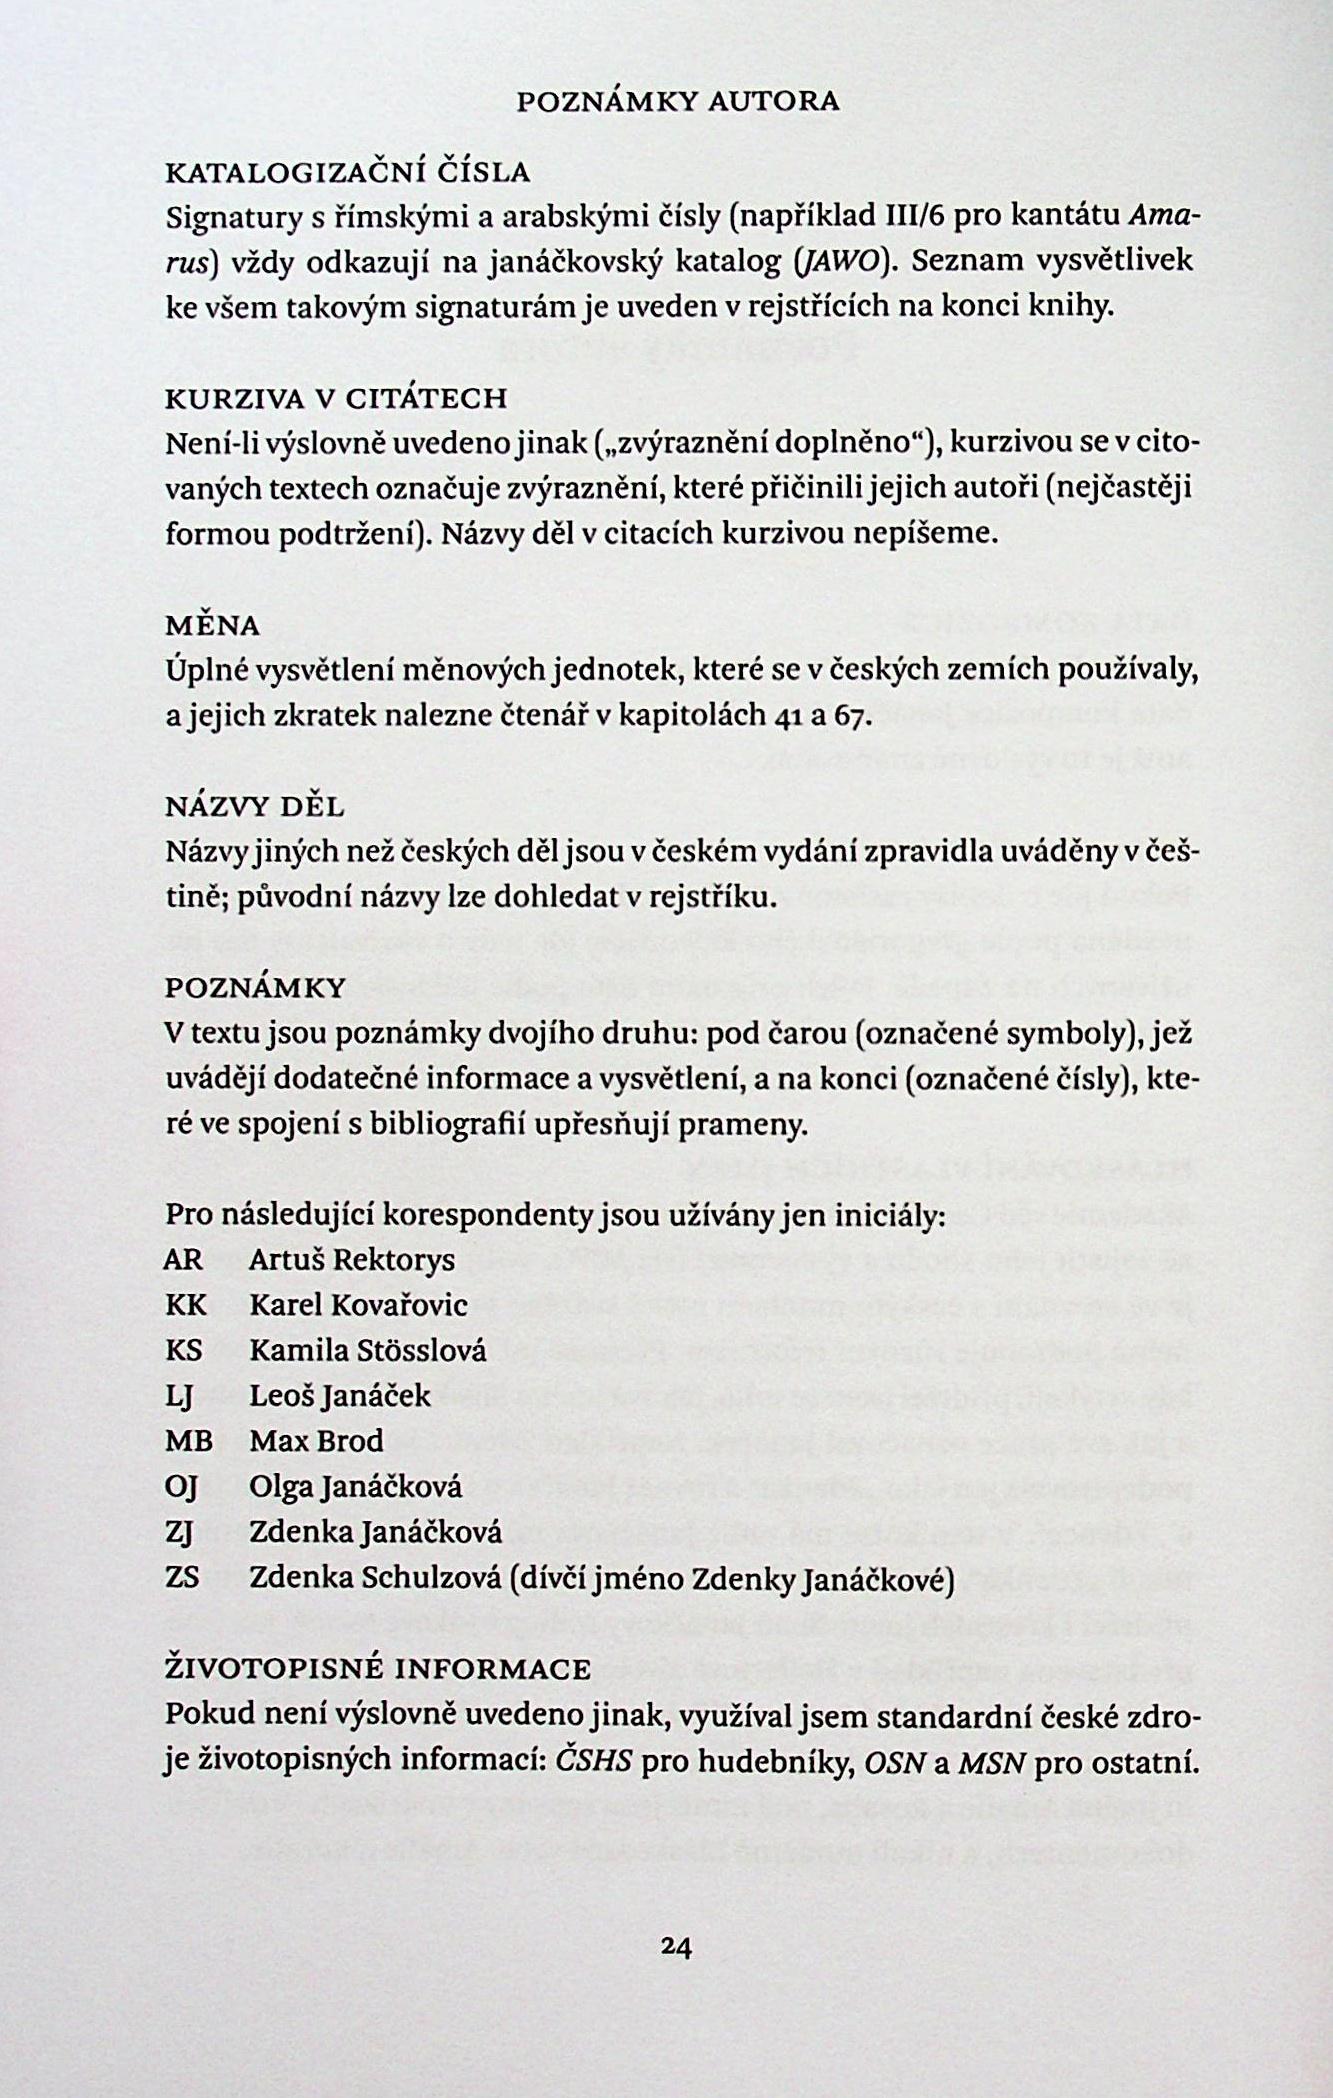 seznamky vlogy